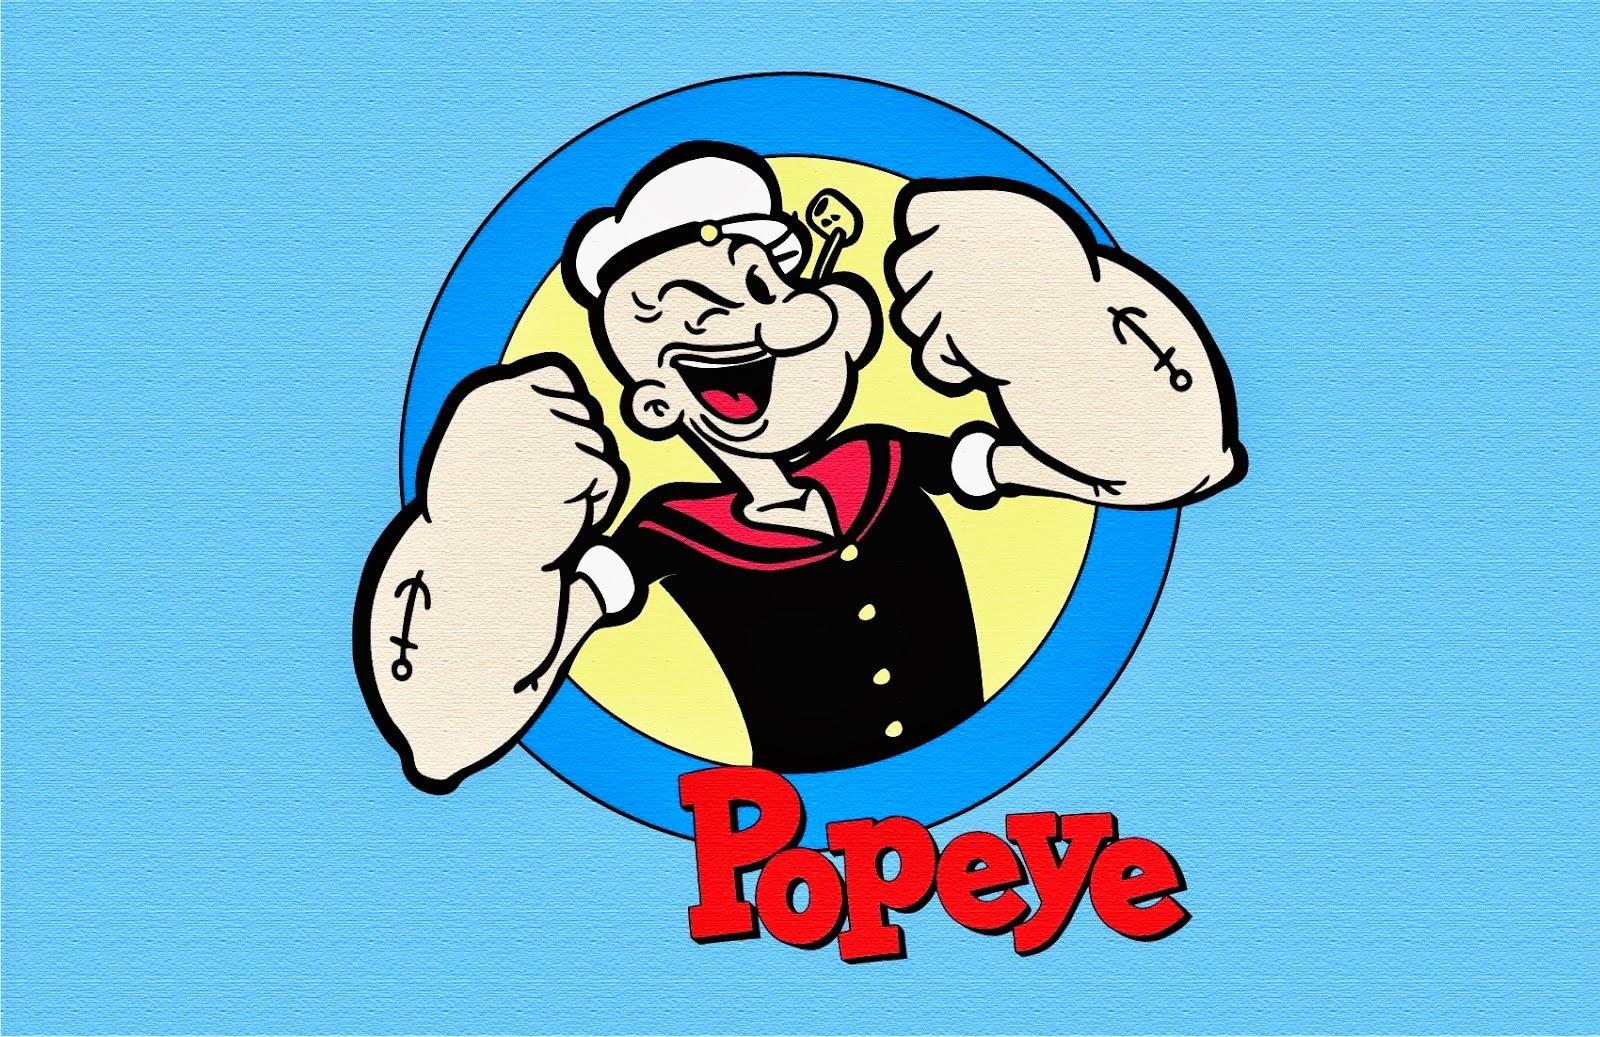 poppeye